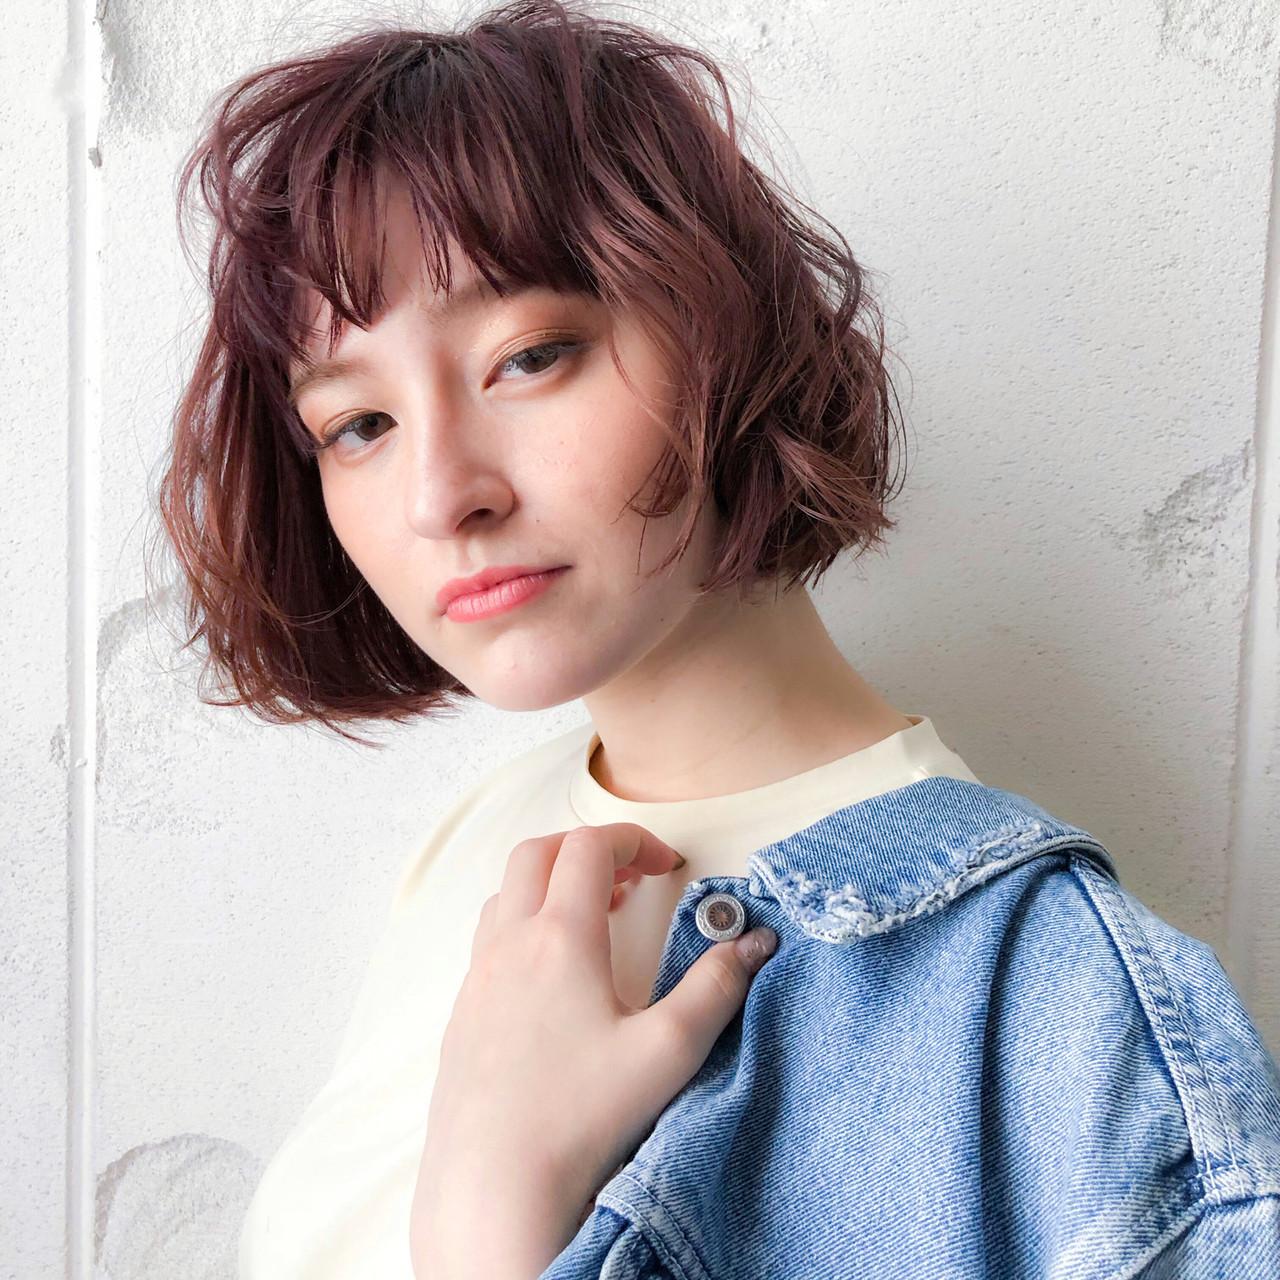 パーマ 小顔ヘア ピンクベージュ ボブ ヘアスタイルや髪型の写真・画像